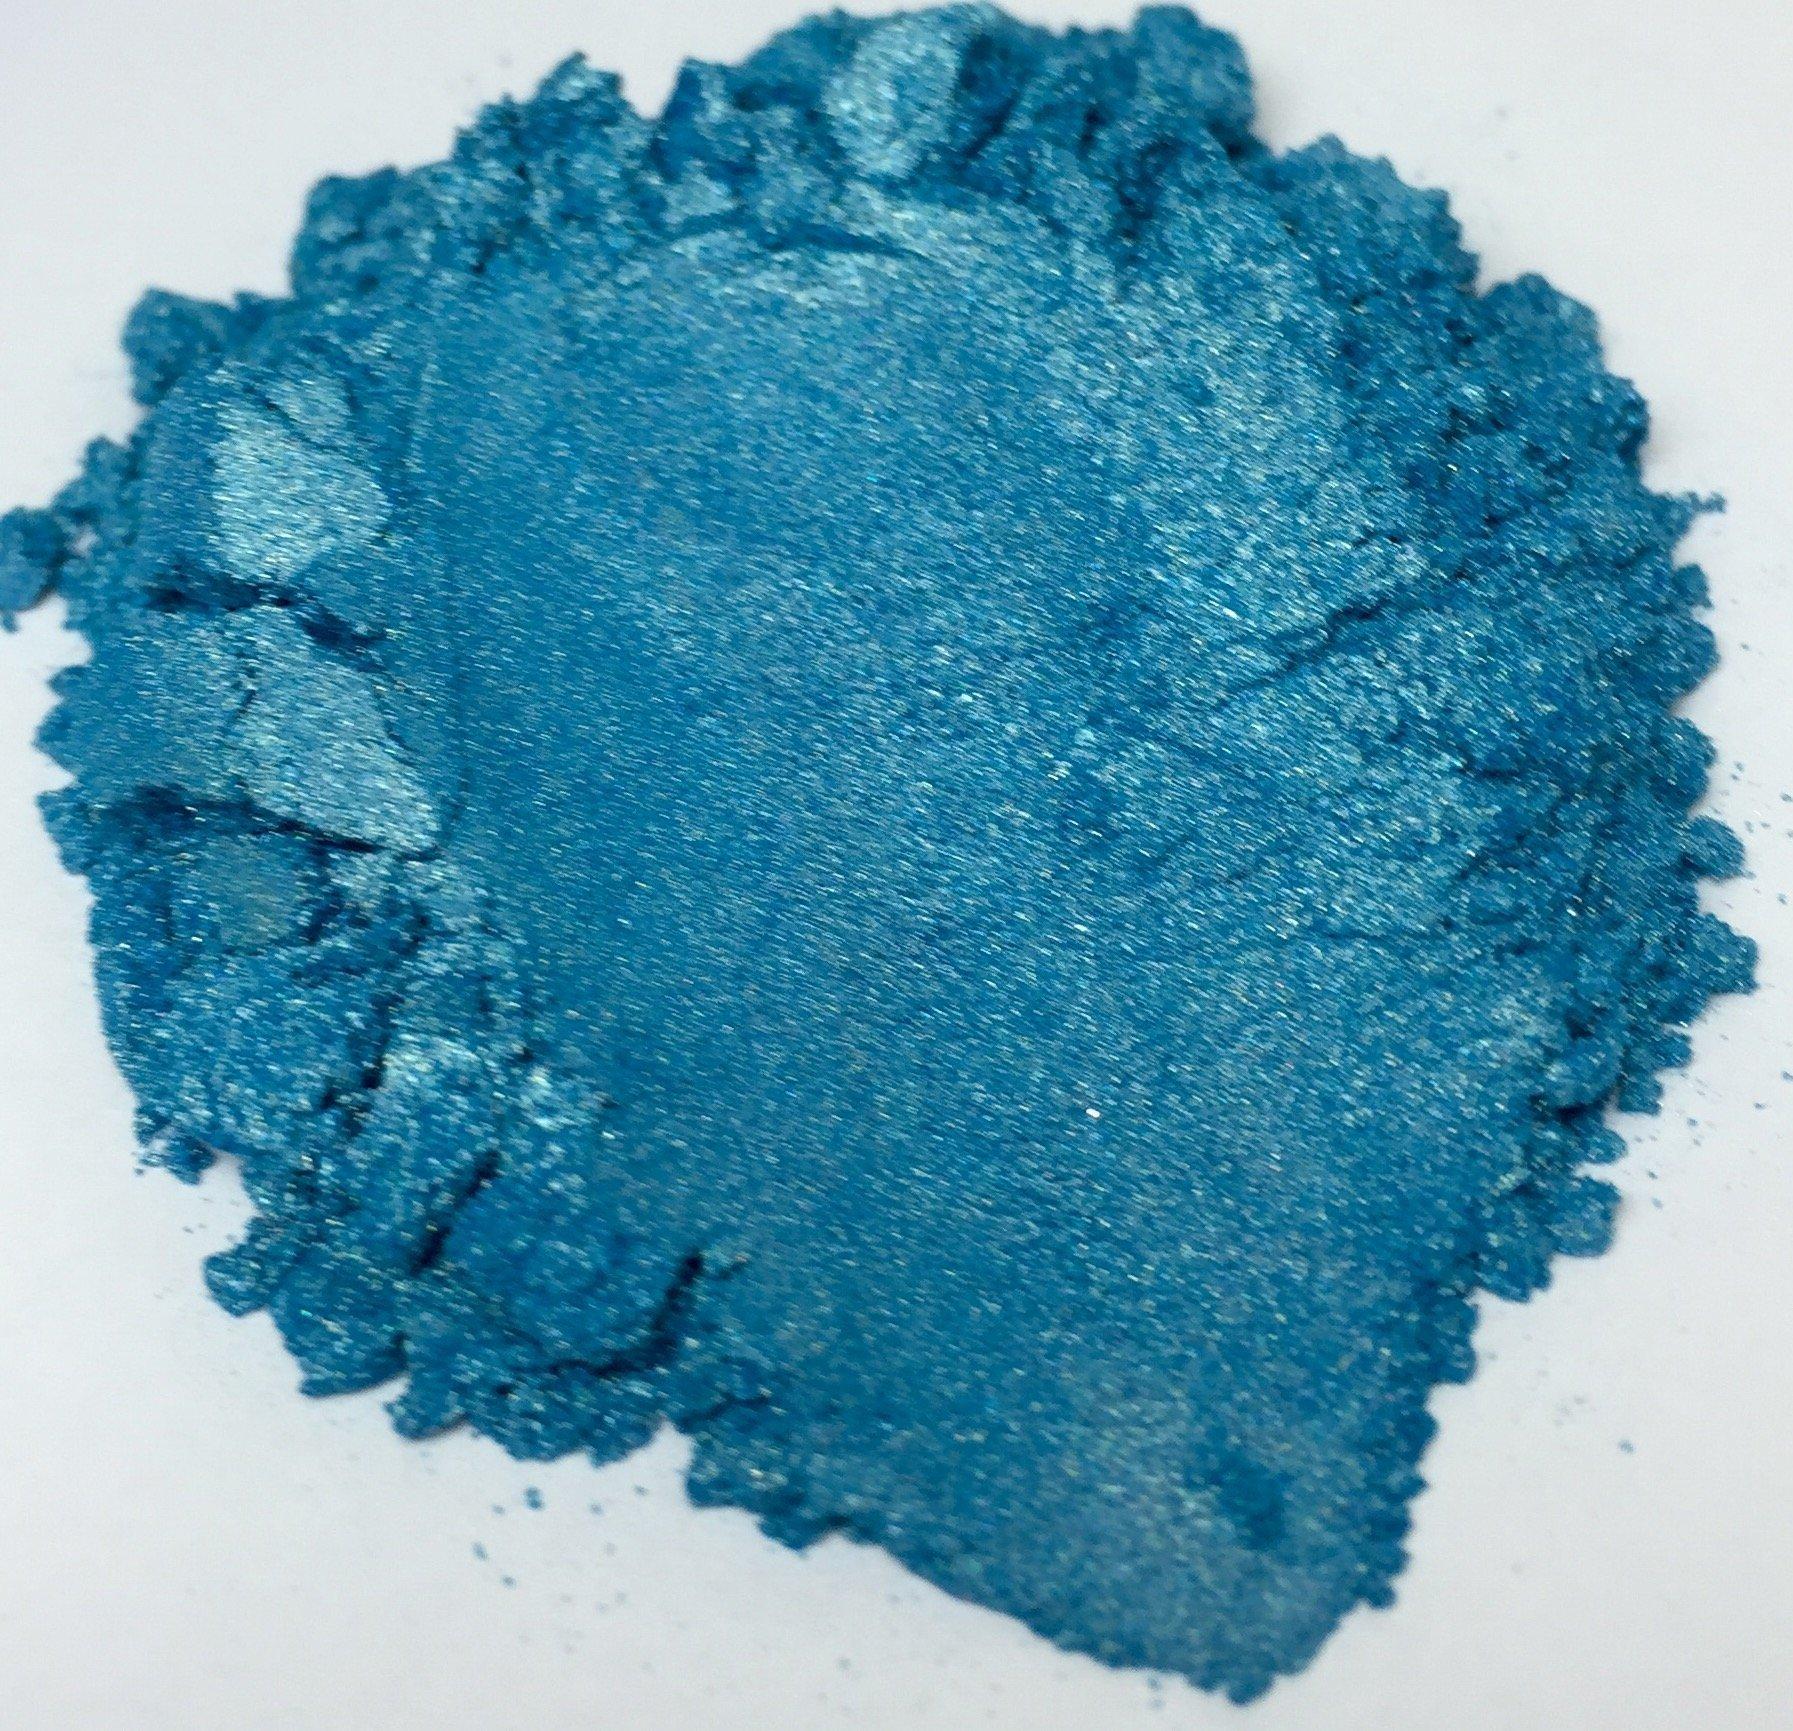 42g/1.5oz''BORA BORA BLUE'' Mica Powder Pigment (Epoxy,Resin,Soap,Plastidip) Black Diamond Pigments